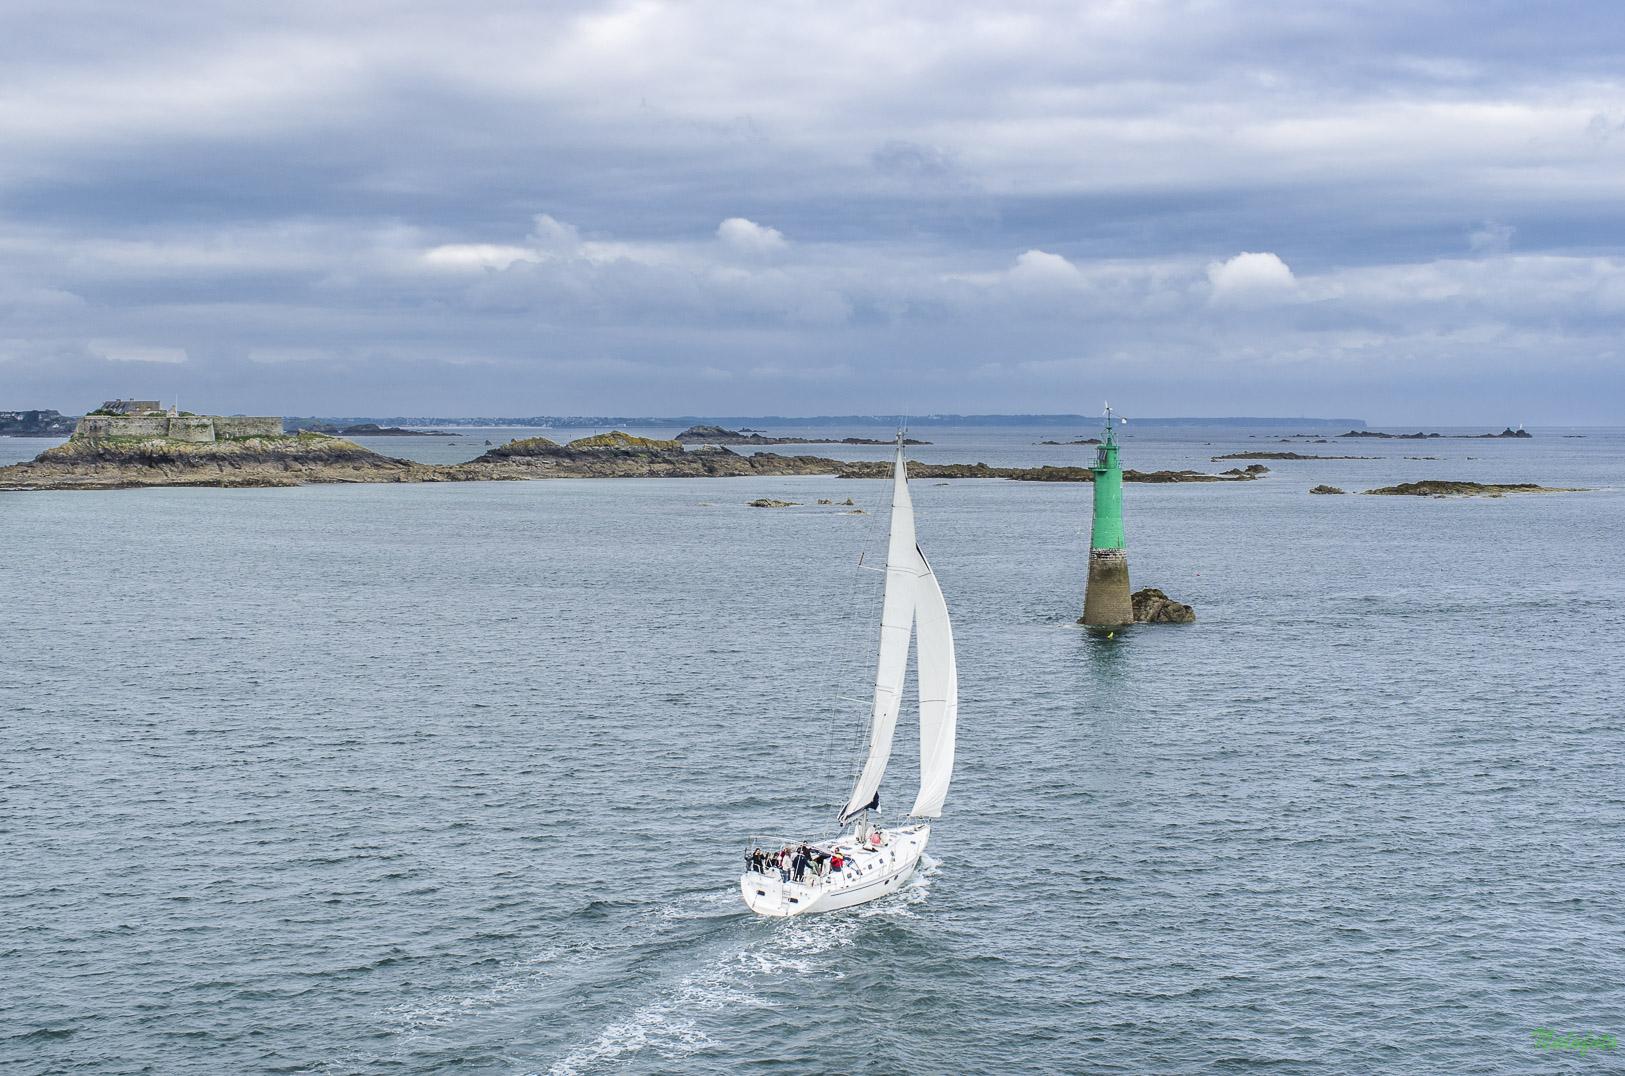 Ailleurs en Bretagne : Voilier sortant du port de Saint Malo, avec, au loin, la pointe du Cap Fréhel